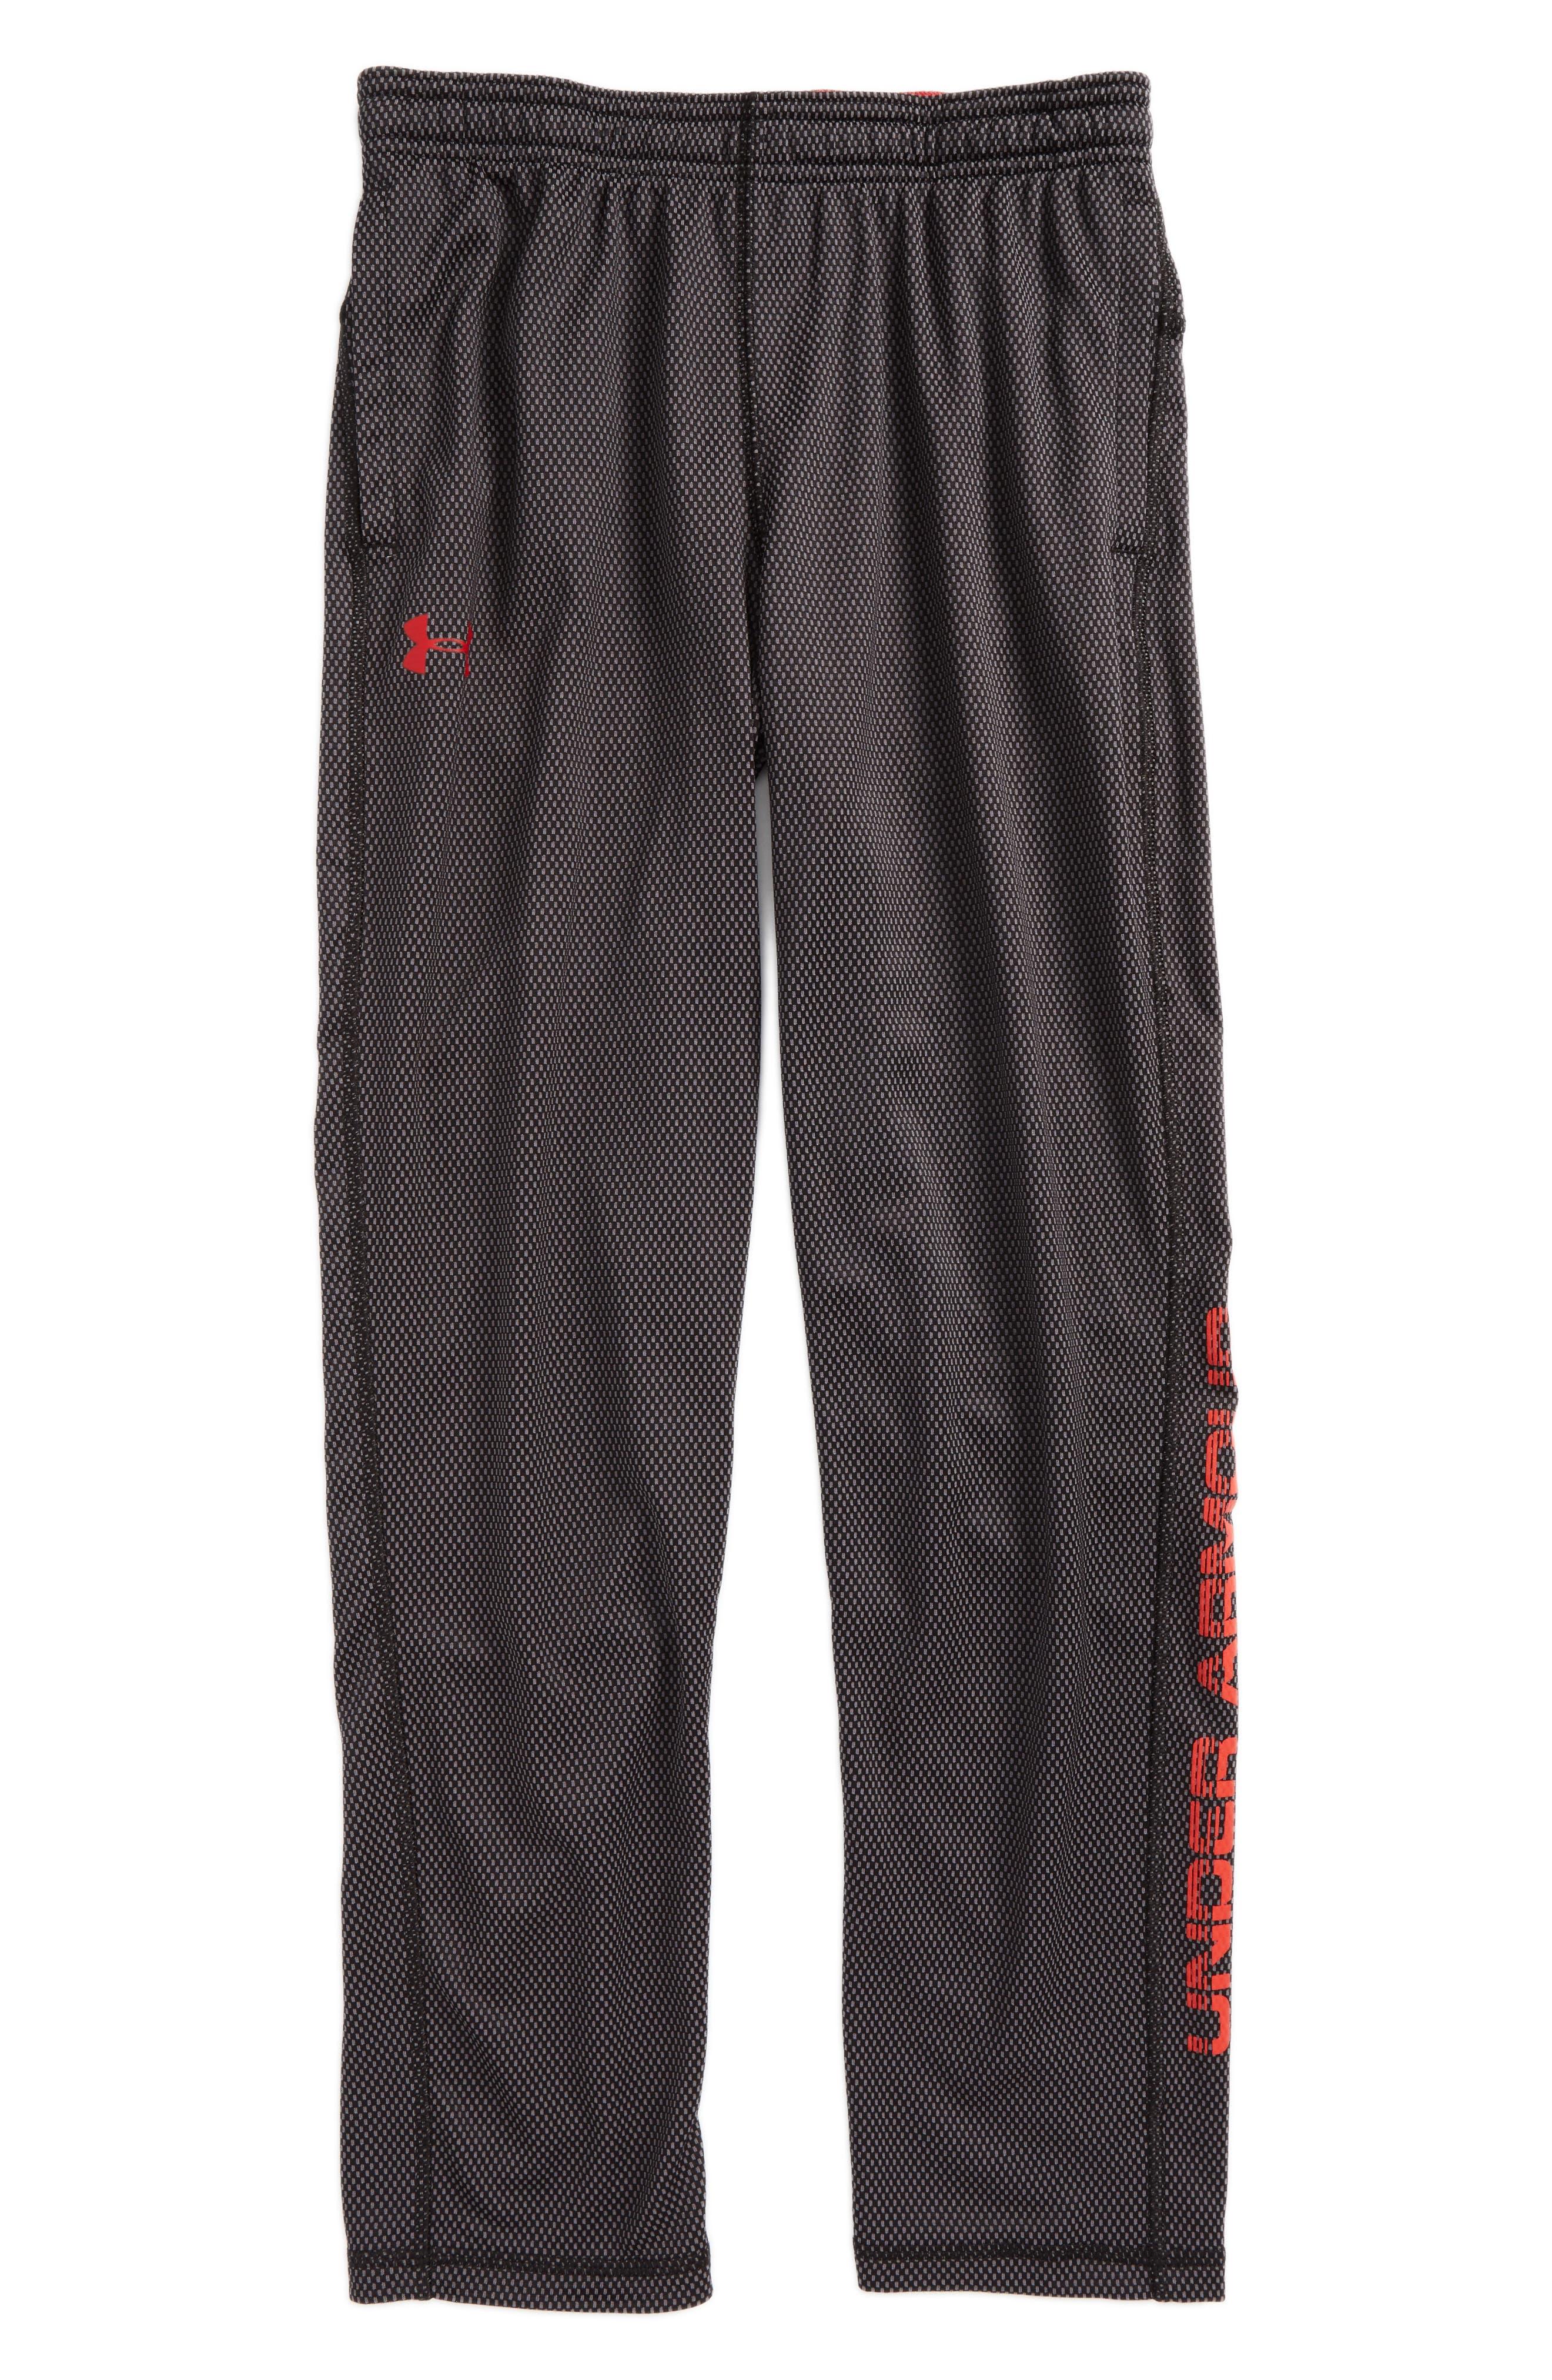 Tech Mesh Pants,                         Main,                         color,